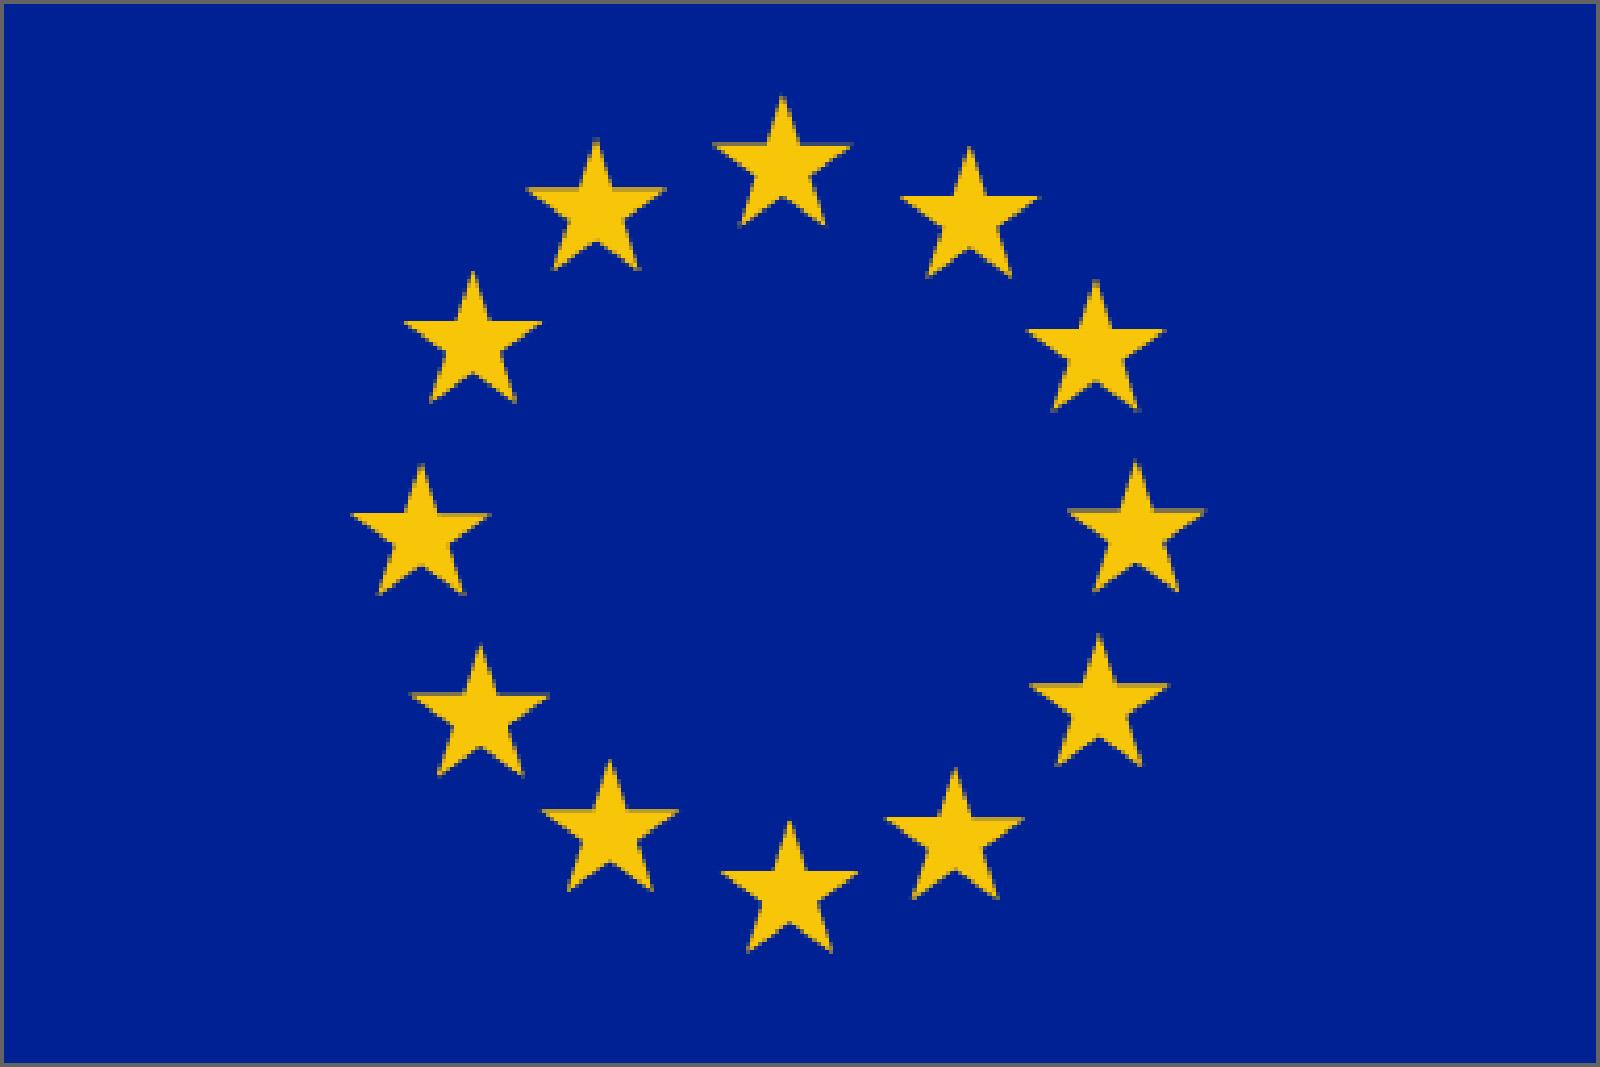 EFSA_EU_ion silver_anders sultan_läkemedelsverket_livsmedelsverket